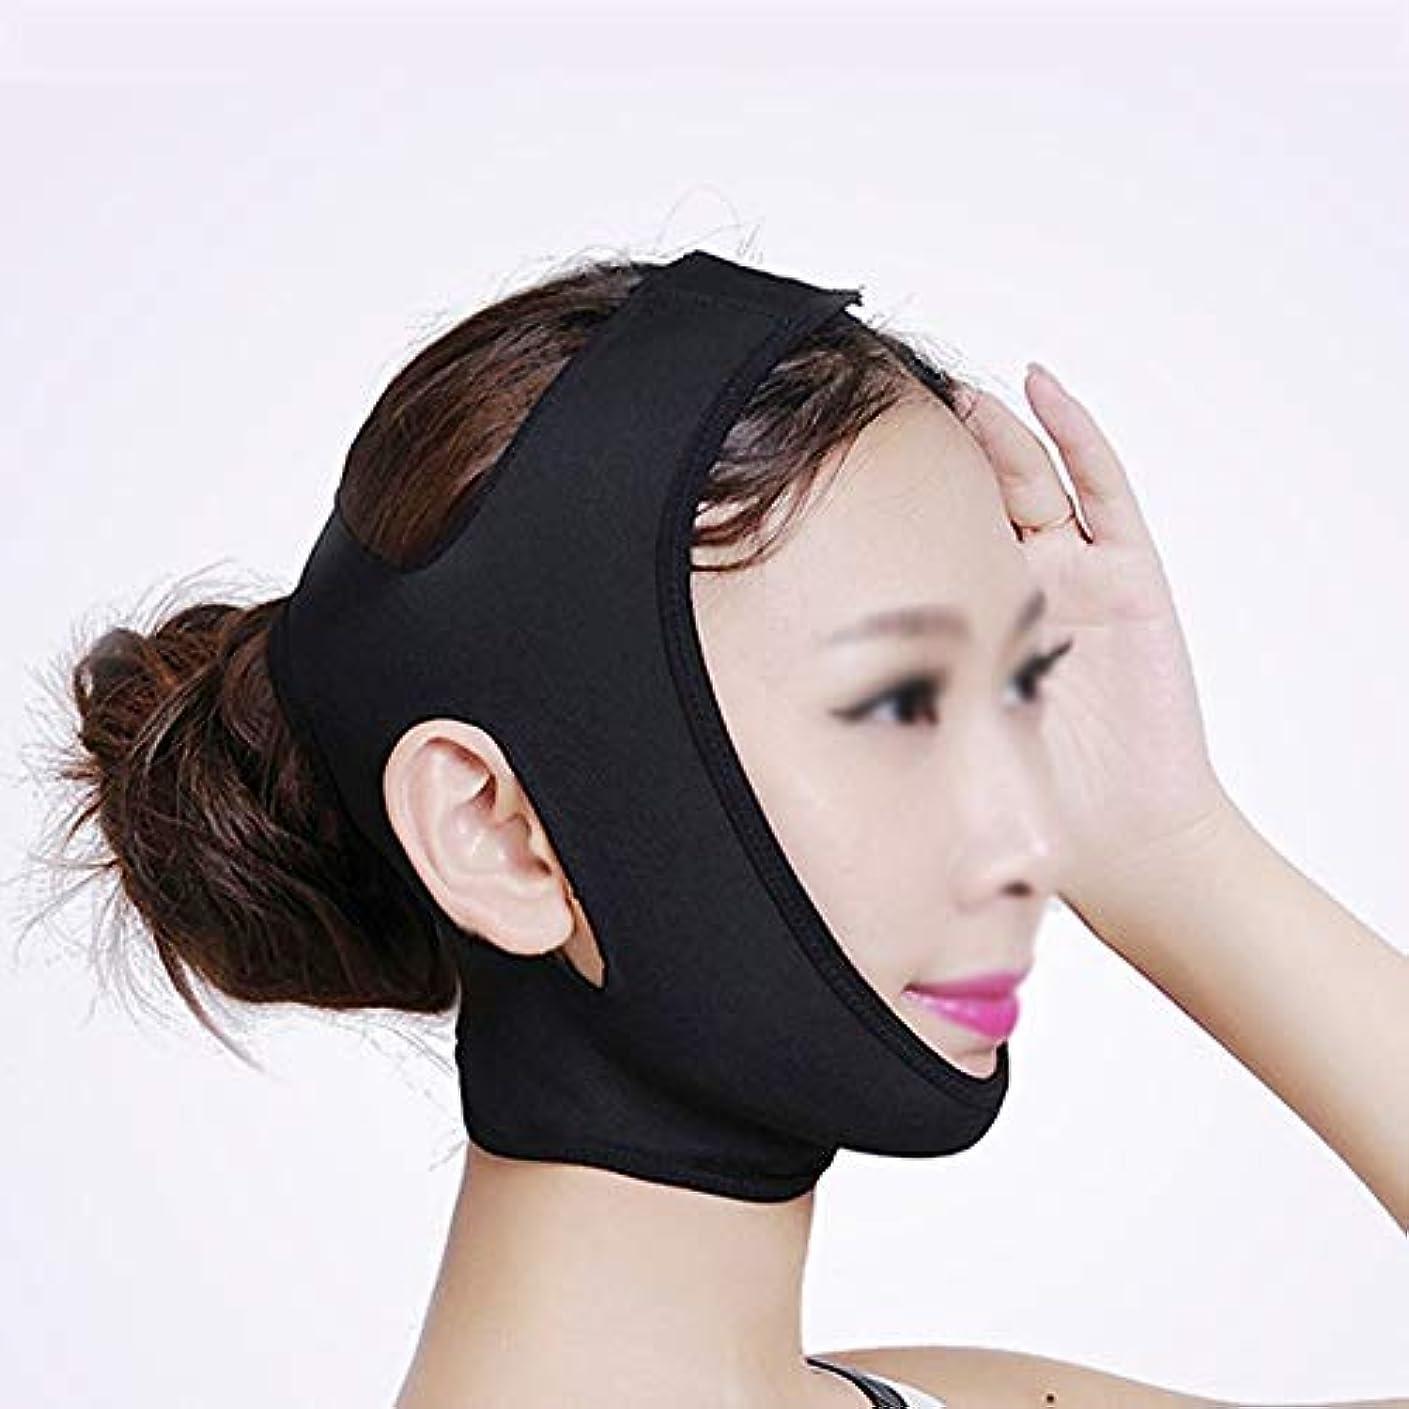 行動フクロウ映画LJK 減量の包帯、顔の持ち上がる包帯、二重あごを減らすために持ち上がるベルトを取除く顔の減量のマスクの持ち上がる表面、フェイスマスク、二重あご (Color : Black, Size : S)